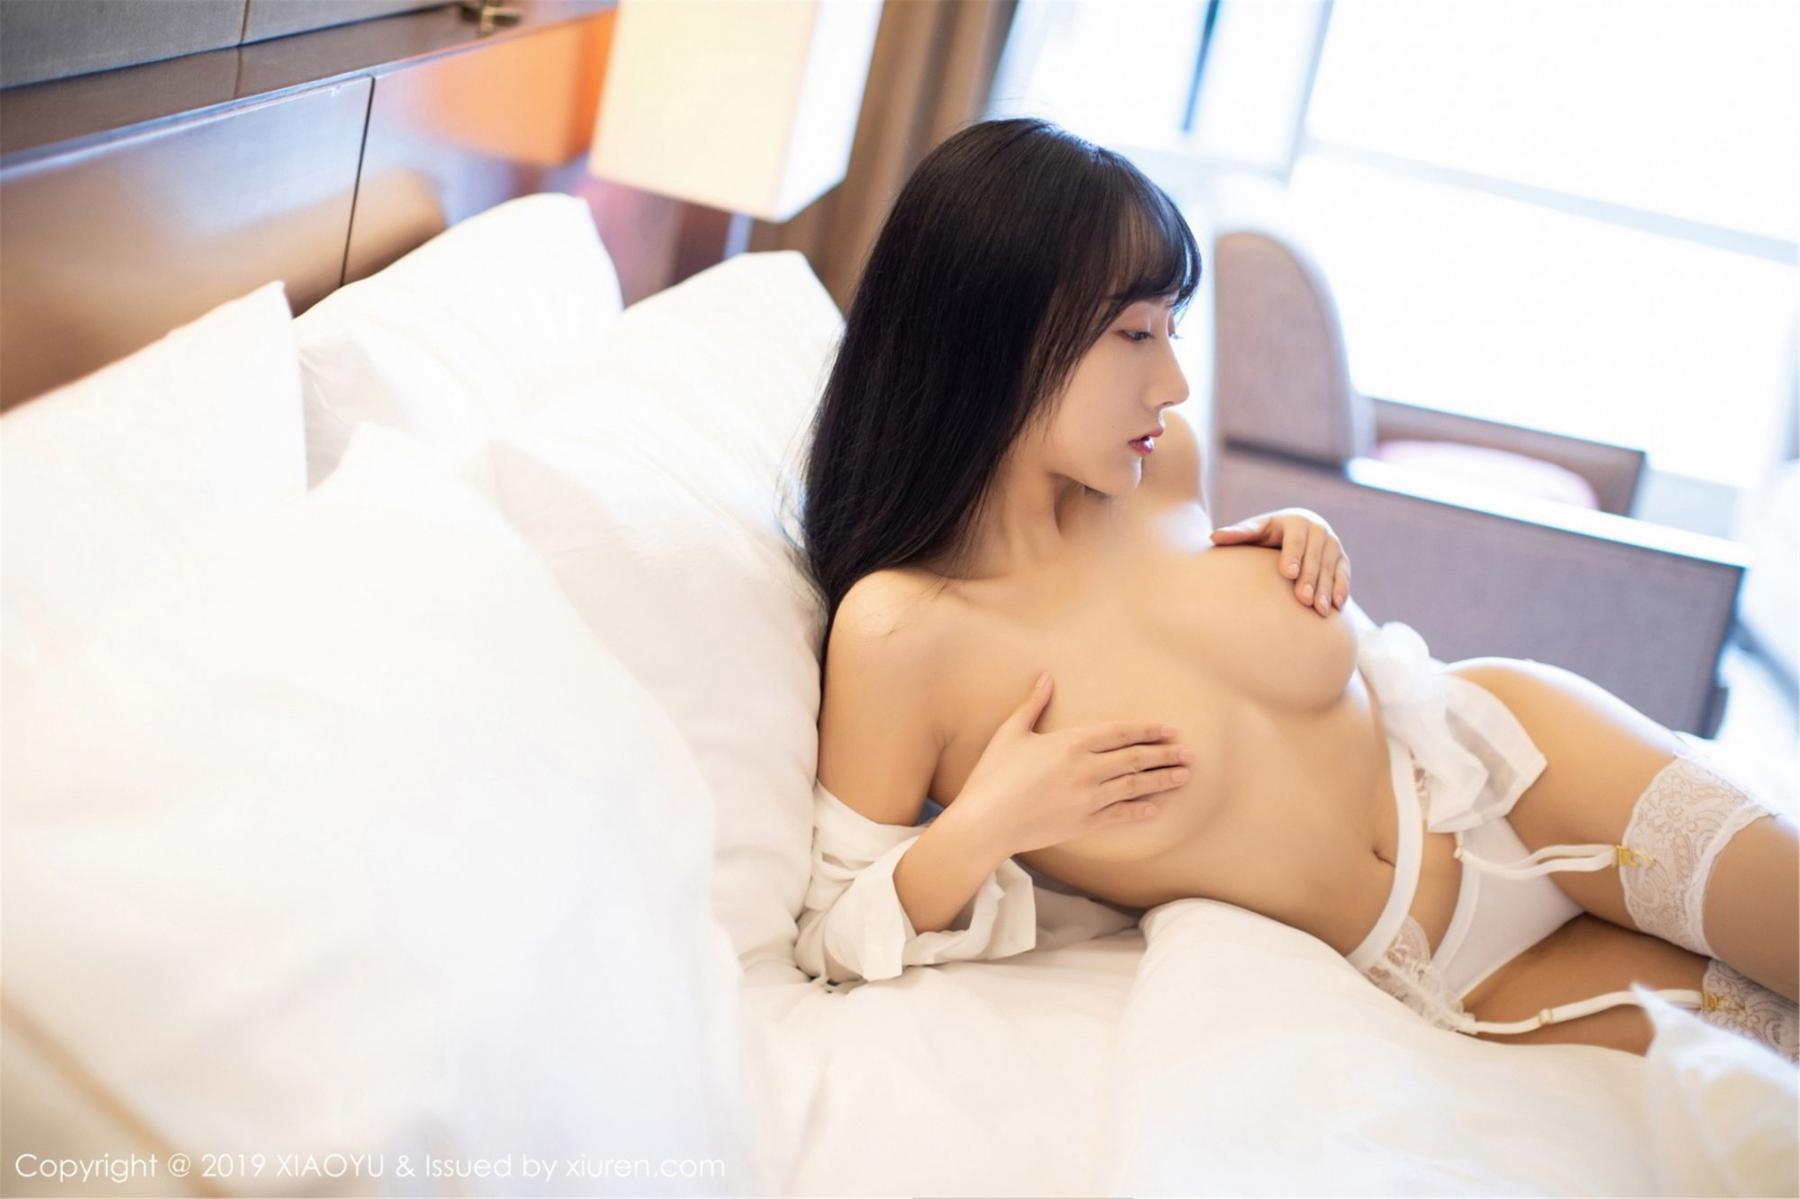 [XiaoYu] Vol.076 He Jia Ying 38P, He Jia Ying, Underwear, XiaoYu